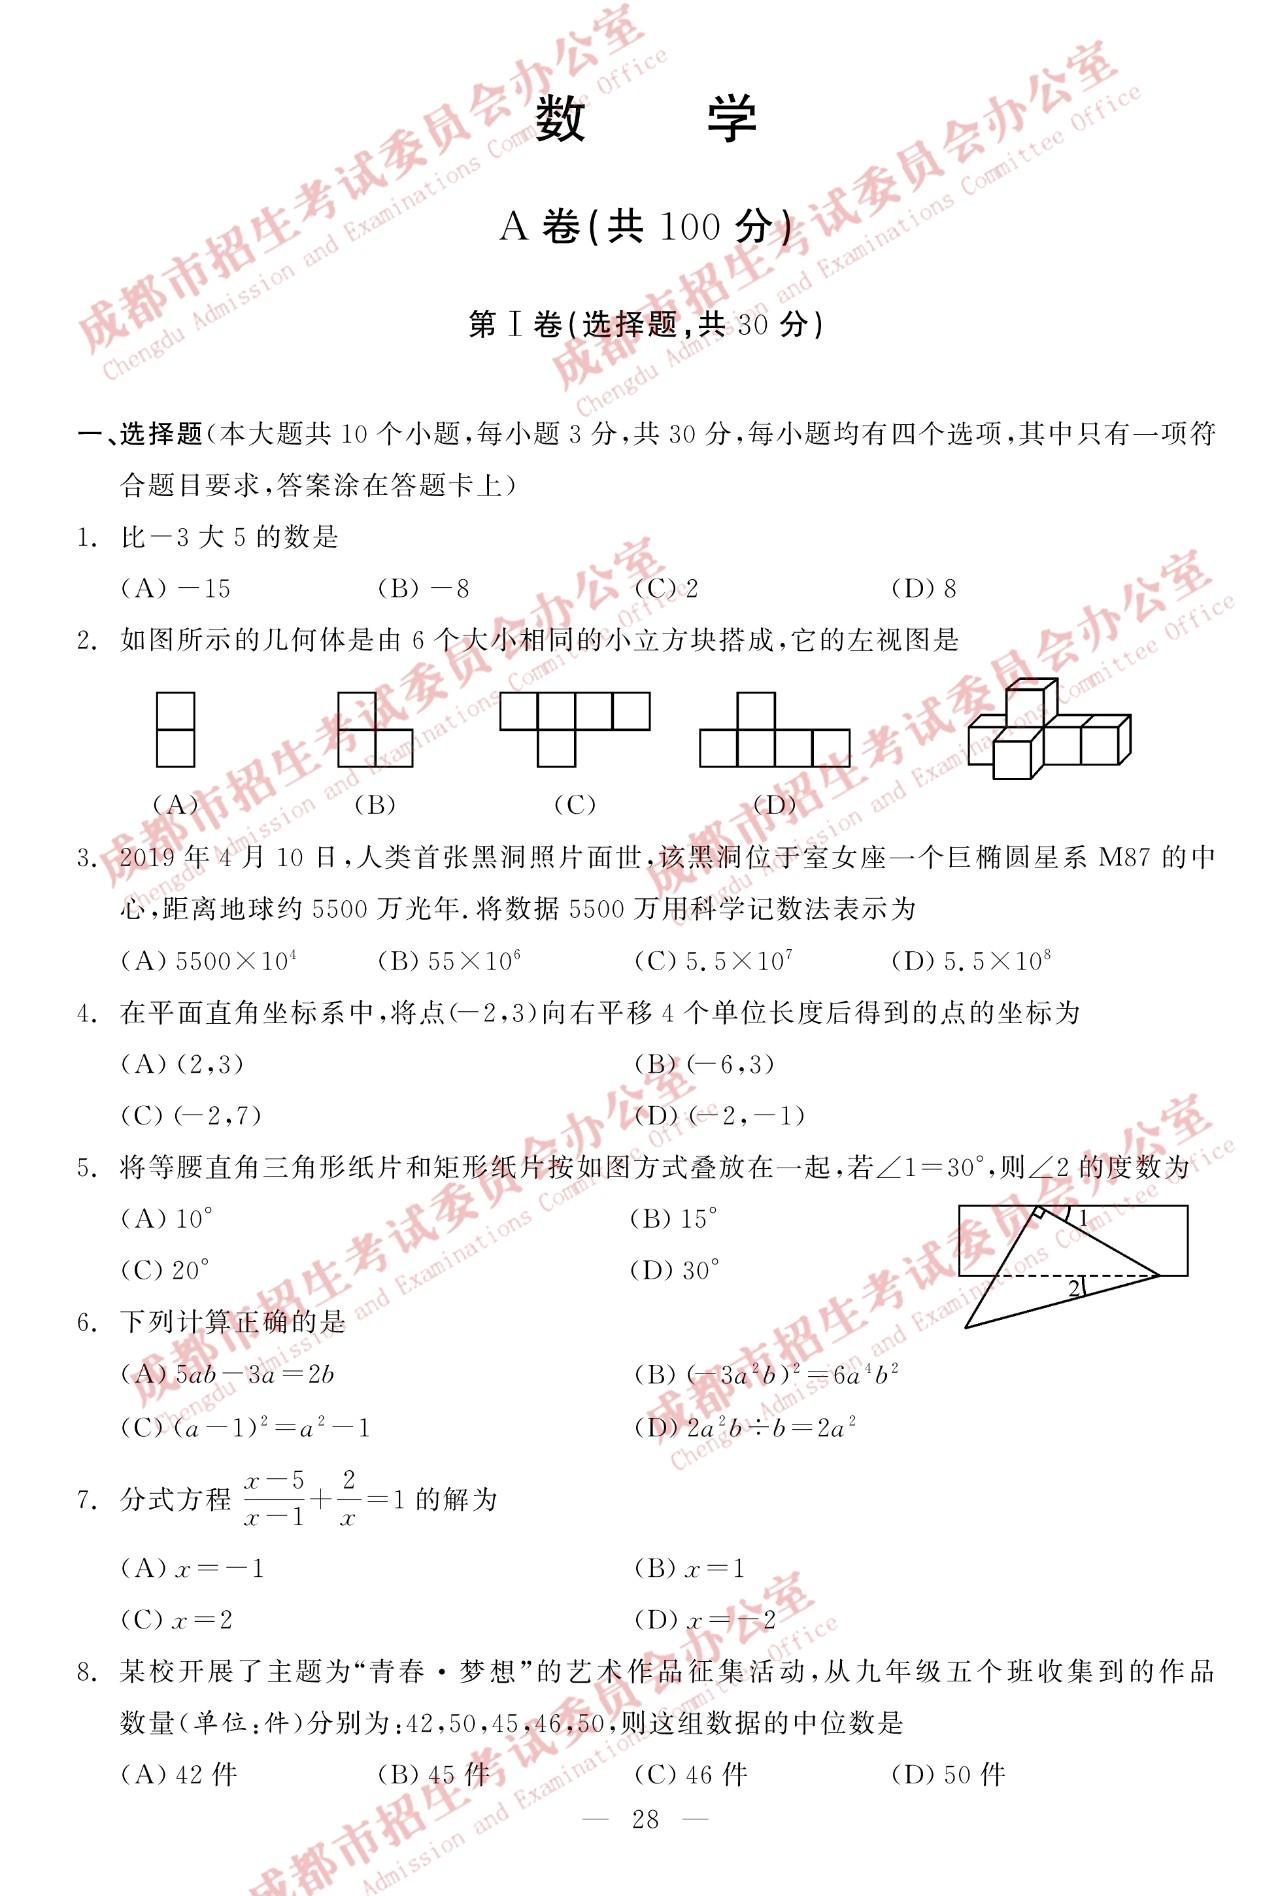 2019年四川成都中考数学真题